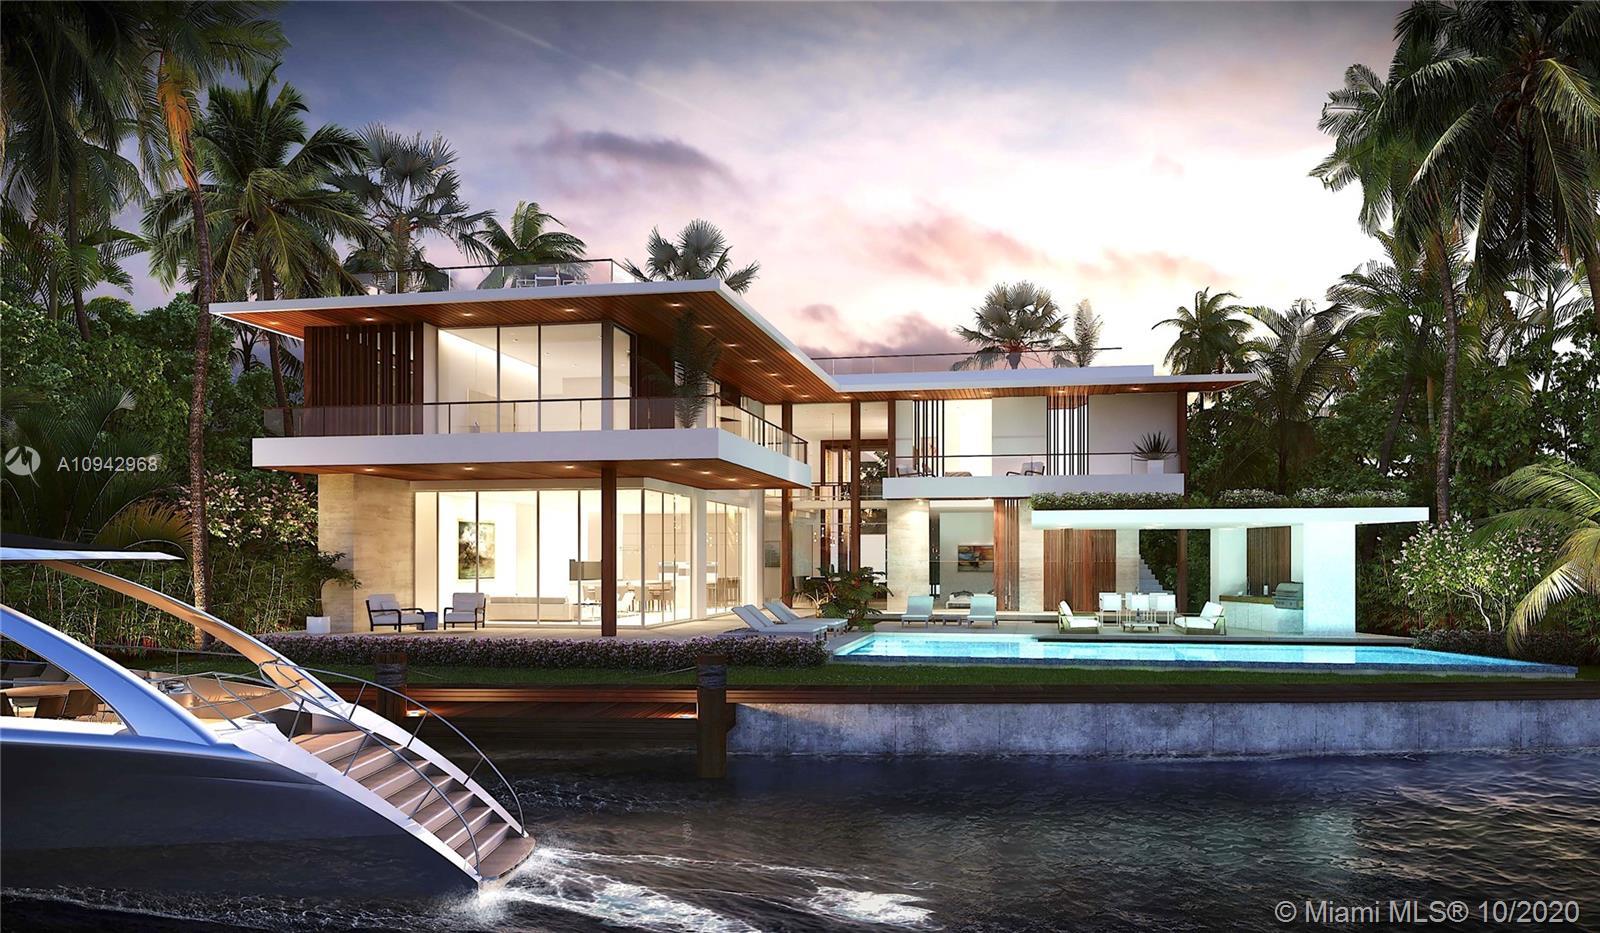 1417 N Venetian Way Luxury Real Estate